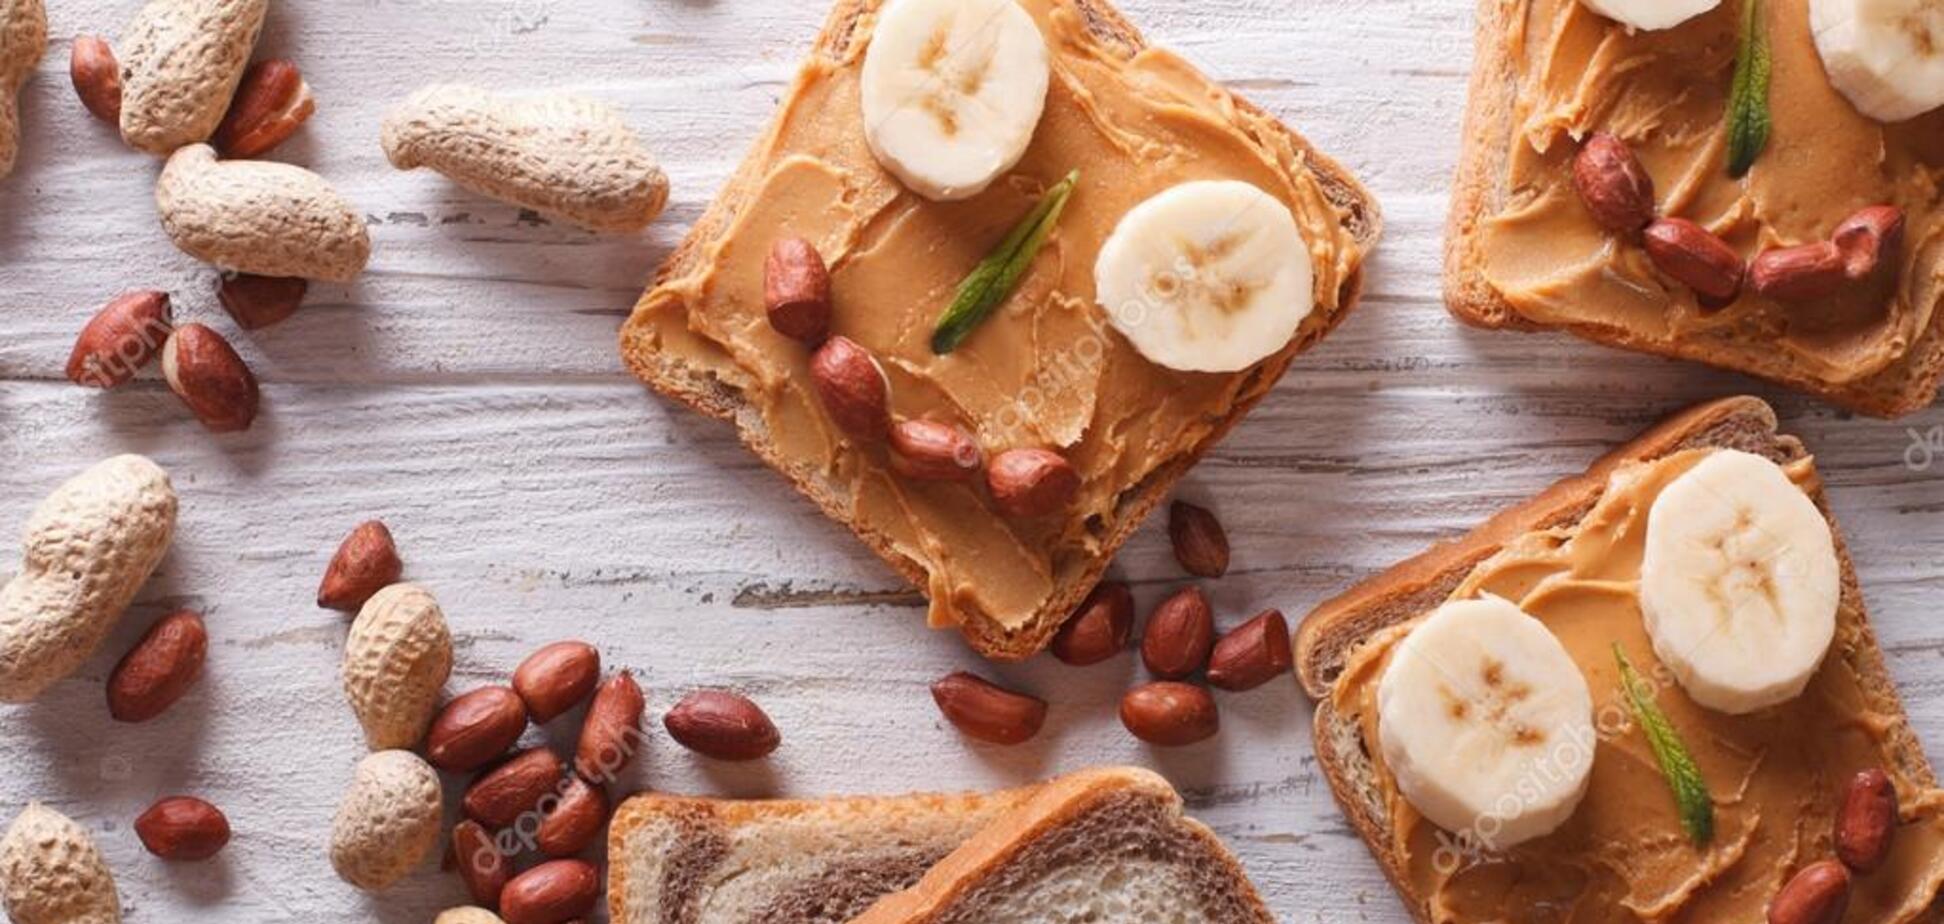 Бутерброд может быть полезным: три простых рецепта